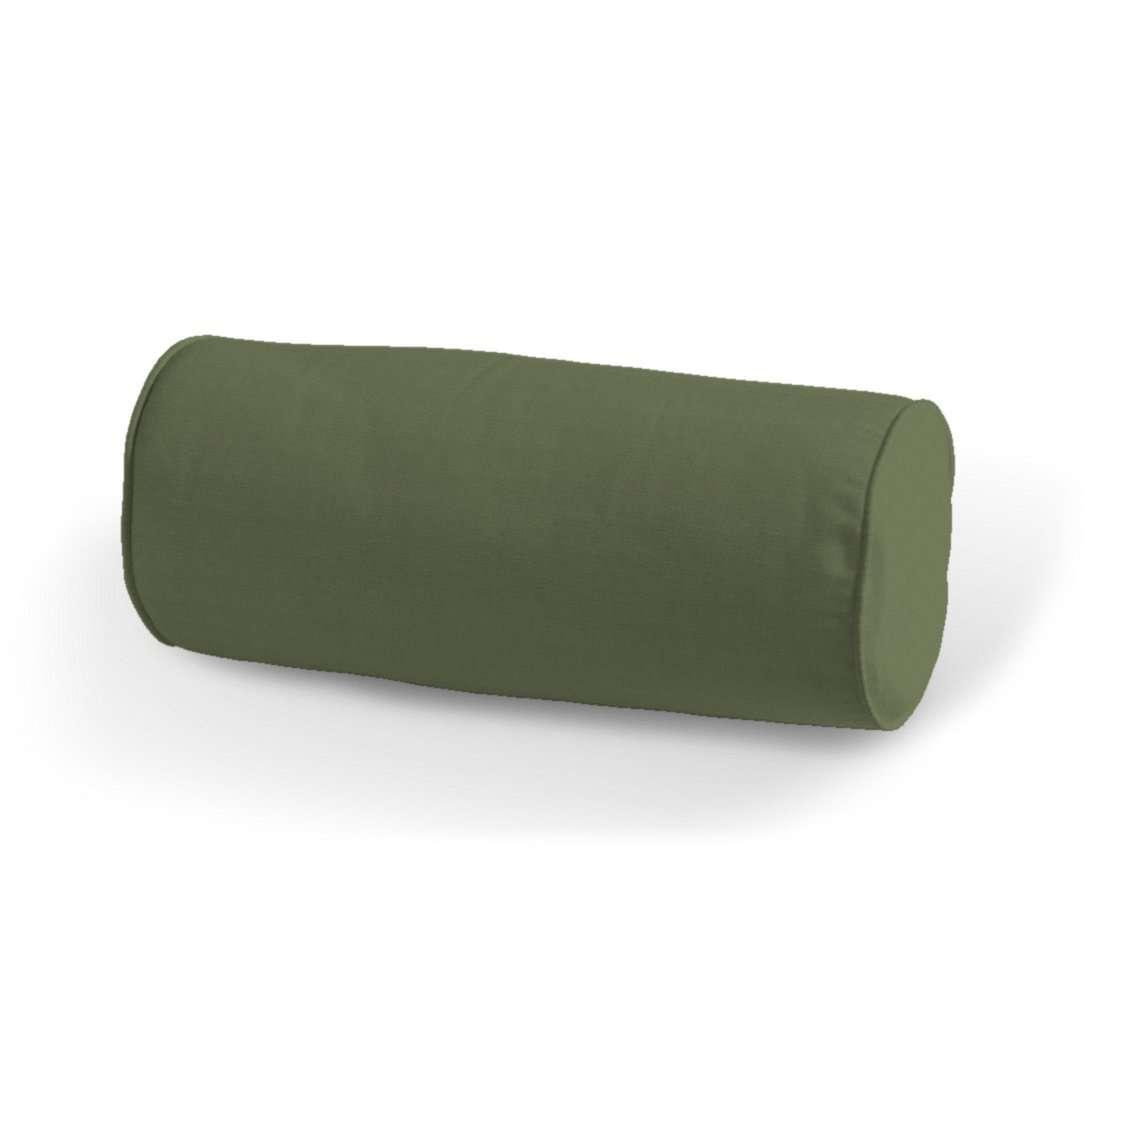 Einfache Nackenrolle, grün, Ø 16 × 40 cm, Jupiter | Schlafzimmer > Kopfkissen | Dekoria